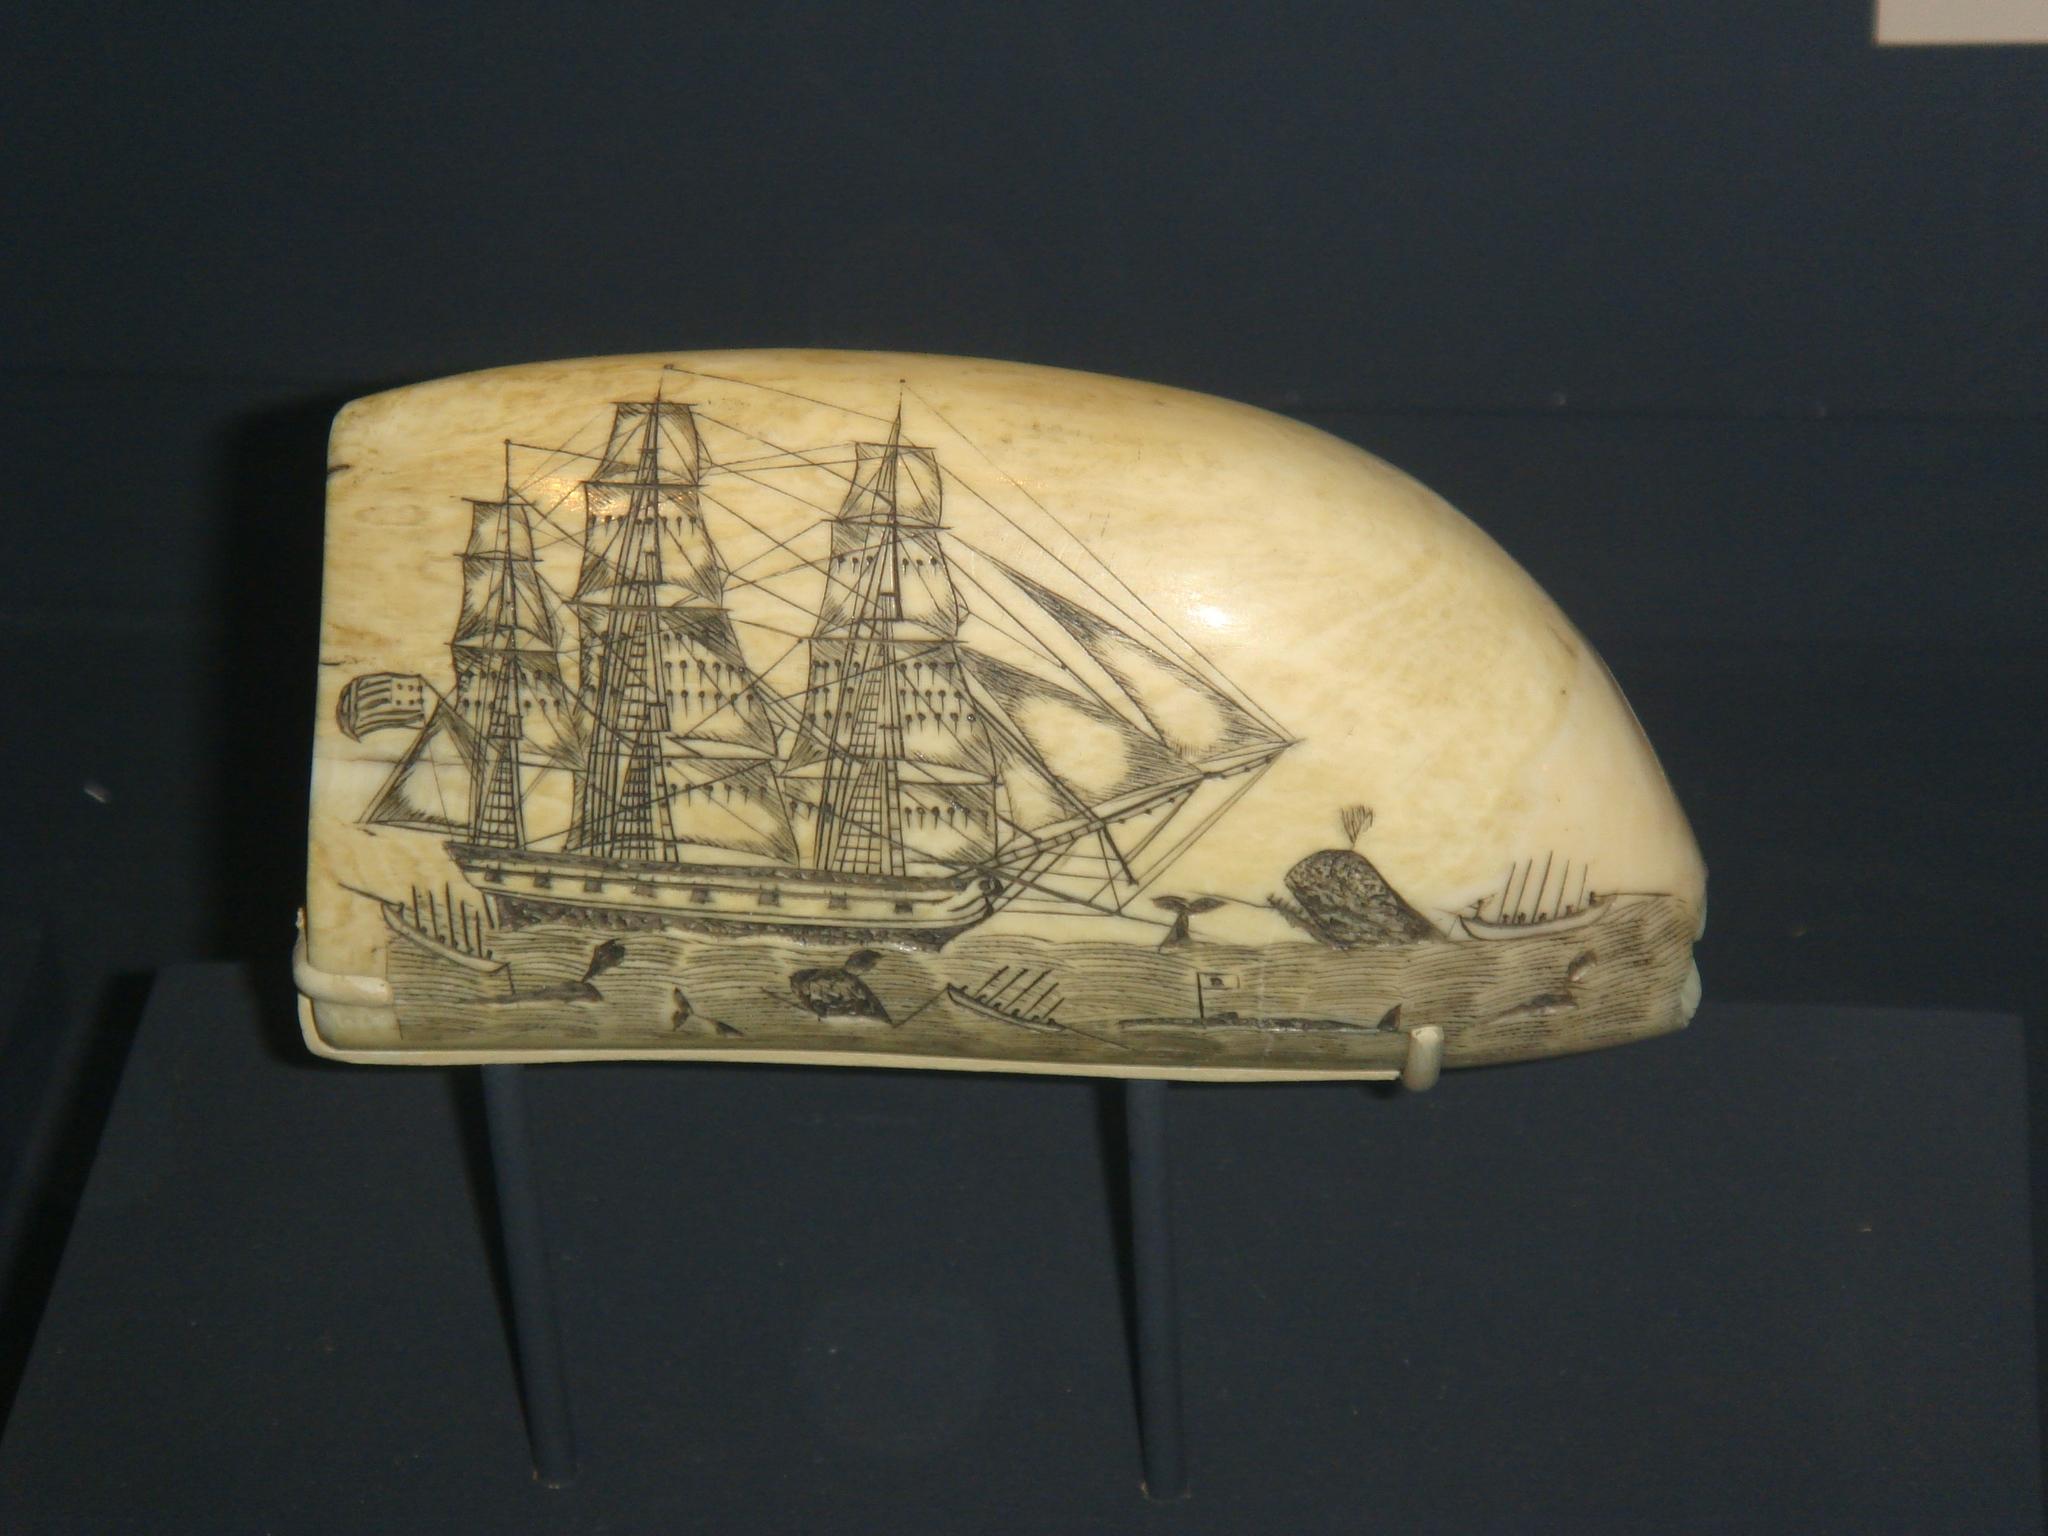 FileNantucket Whaling Scrimshaw EBurdett